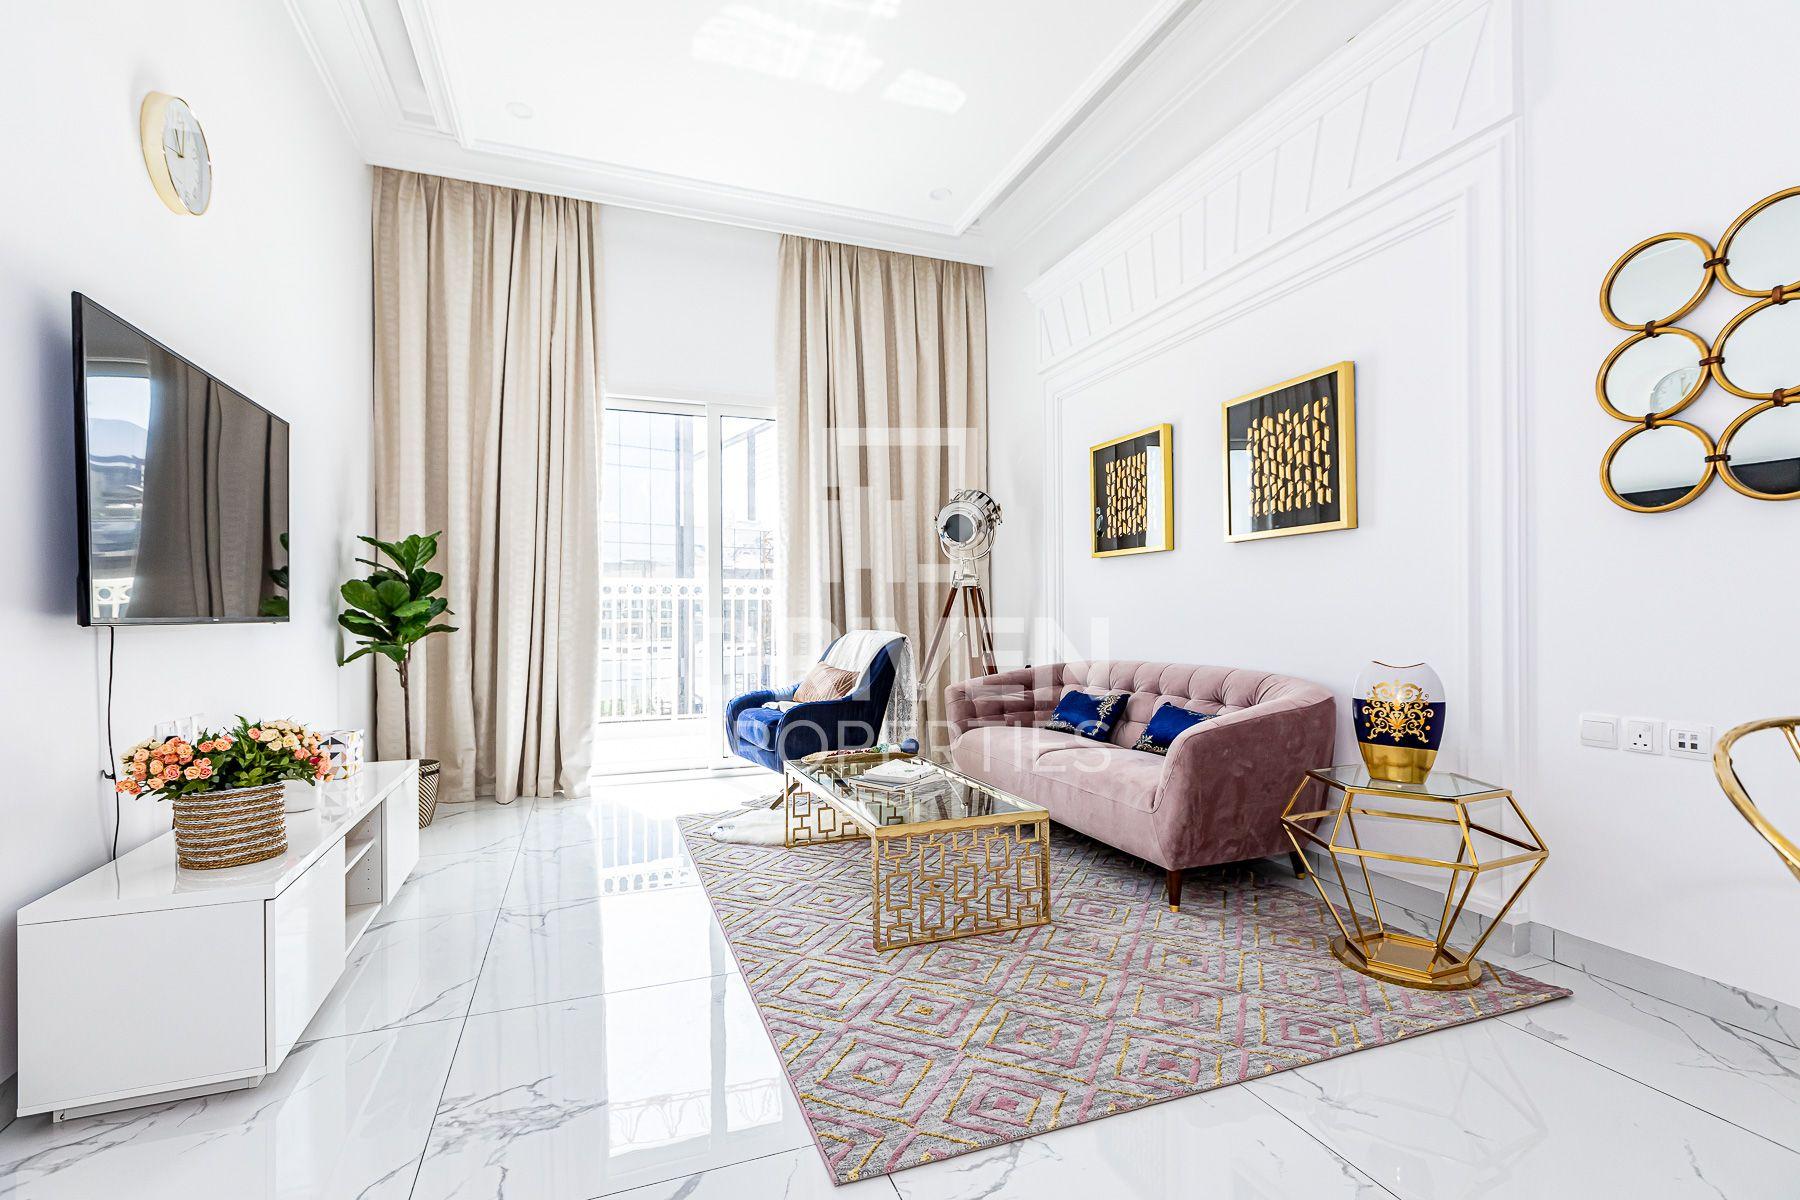 857 قدم مربع  شقة - للايجار - ارجان